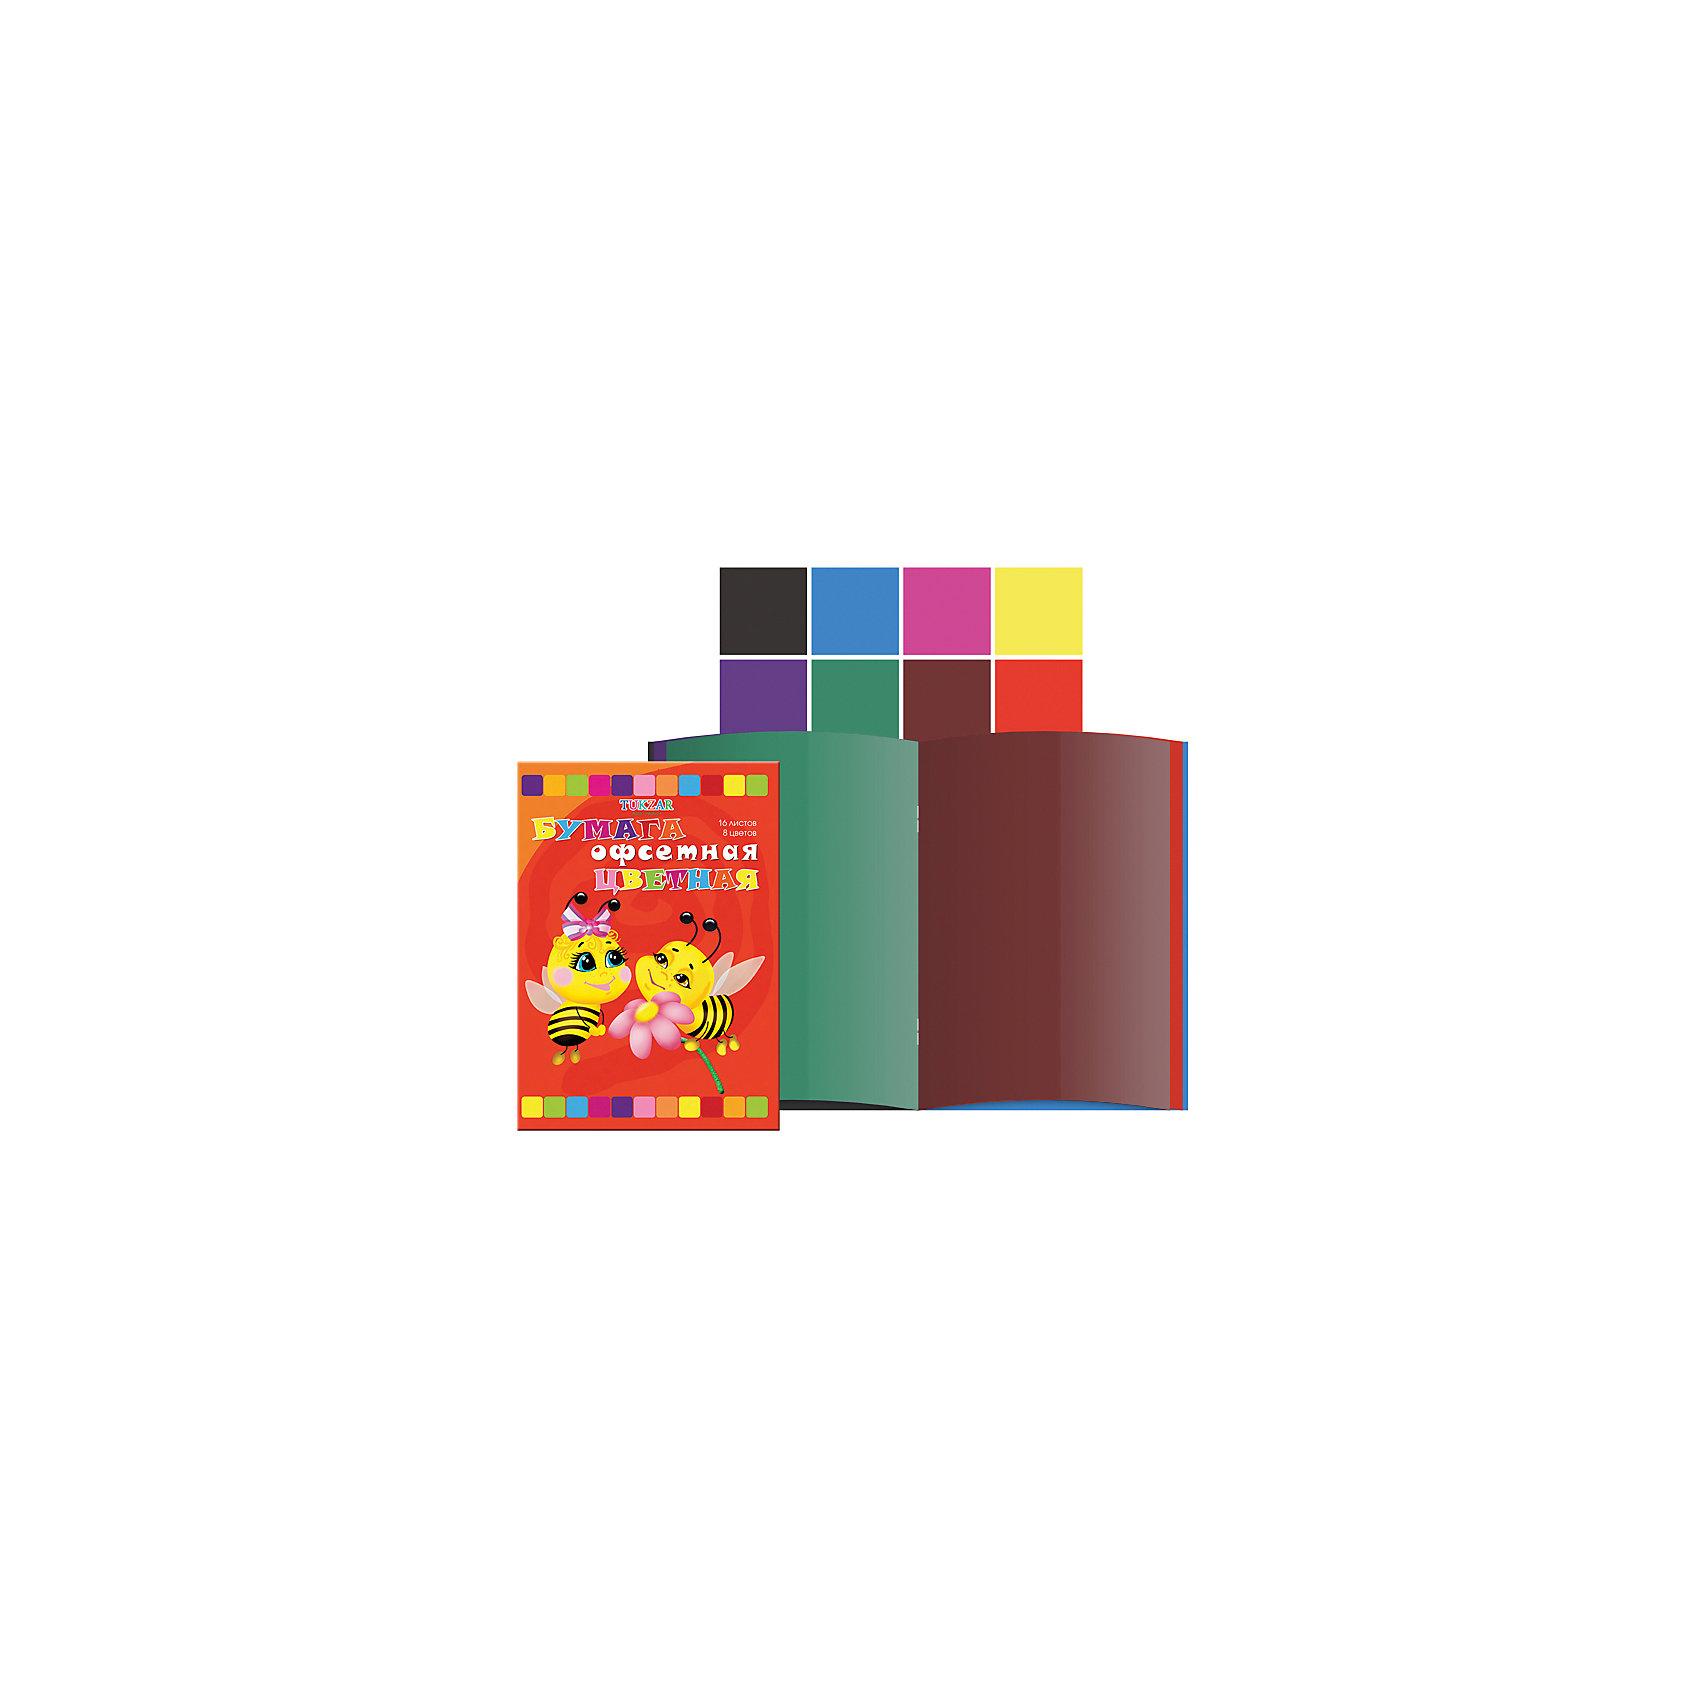 Цветная бумага А4, 8 цветов, 16 листовОфсетная цветная бумага – важный и частый пункт в списке школьных покупок. Цветную бумагу используют для декорирования, моделирования и аппликации. Бумага быстро заканчивается, поэтому можно выбрать понравившуюся модель и докупать при необходимости только ее, а не тратить время на поиски новой. Цветная бумага от компании Tukzar  понравится всем детям и их мамам. У бумаги удобная плотность для складывания и разрезания, а так же яркие и насыщенные цвета. Все материалы, использованные при изготовлении, отвечают международным требованиям по качеству и безопасности.<br><br>Дополнительная информация: <br><br>количество цветов: 8 шт;<br>количество листов: 16;<br>формат: А4.<br><br>Офсетную цветную бумагу можно приобрести в нашем магазине.<br><br>Ширина мм: 100<br>Глубина мм: 100<br>Высота мм: 10<br>Вес г: 50<br>Возраст от месяцев: 36<br>Возраст до месяцев: 120<br>Пол: Унисекс<br>Возраст: Детский<br>SKU: 4993573